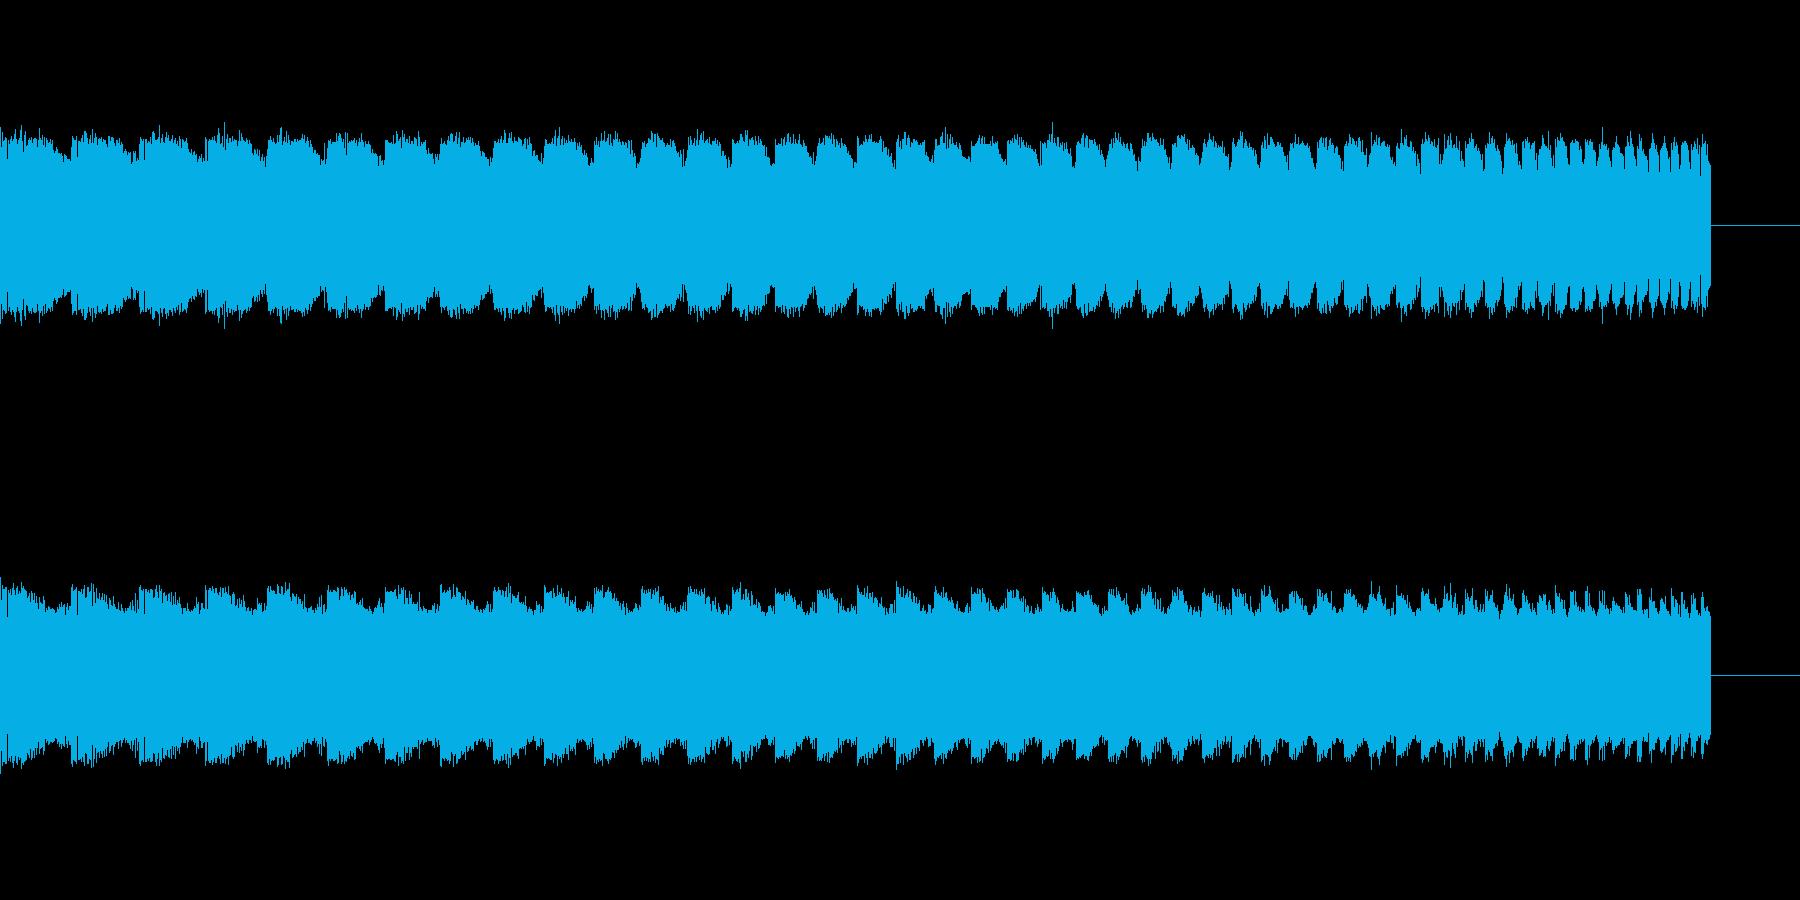 パチンコ的煽り音02(上がる、上昇)の再生済みの波形